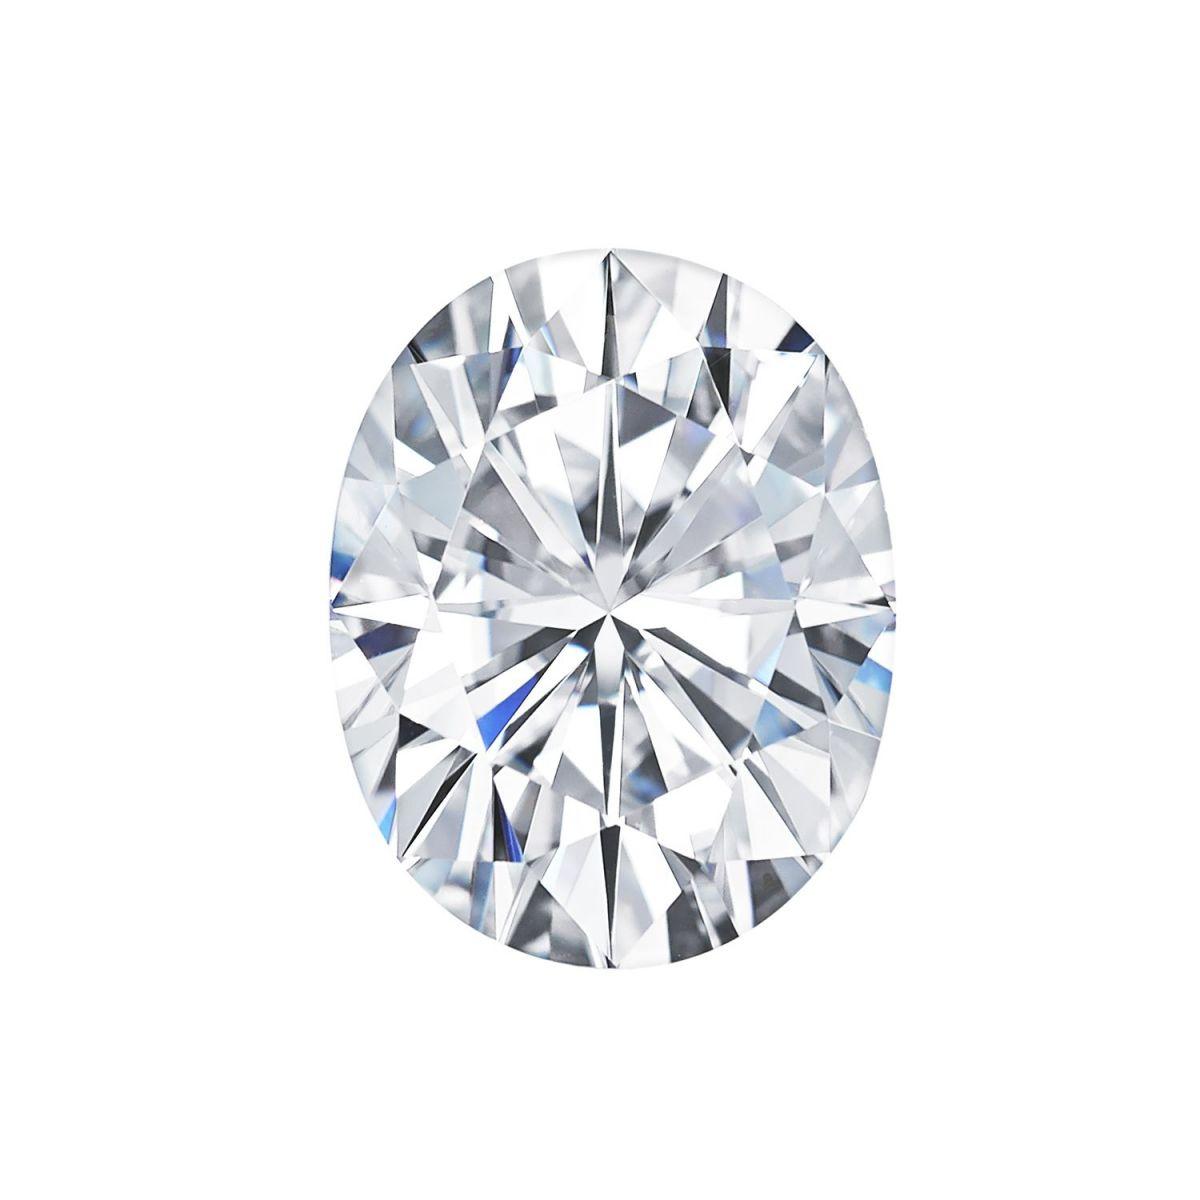 https://www.loveandpromisejewelers.com/media/catalog/product/cache/1b8ff75e92e9e3eb7d814fc024f6d8df/o/v/oval_moissanite_image_1.jpg